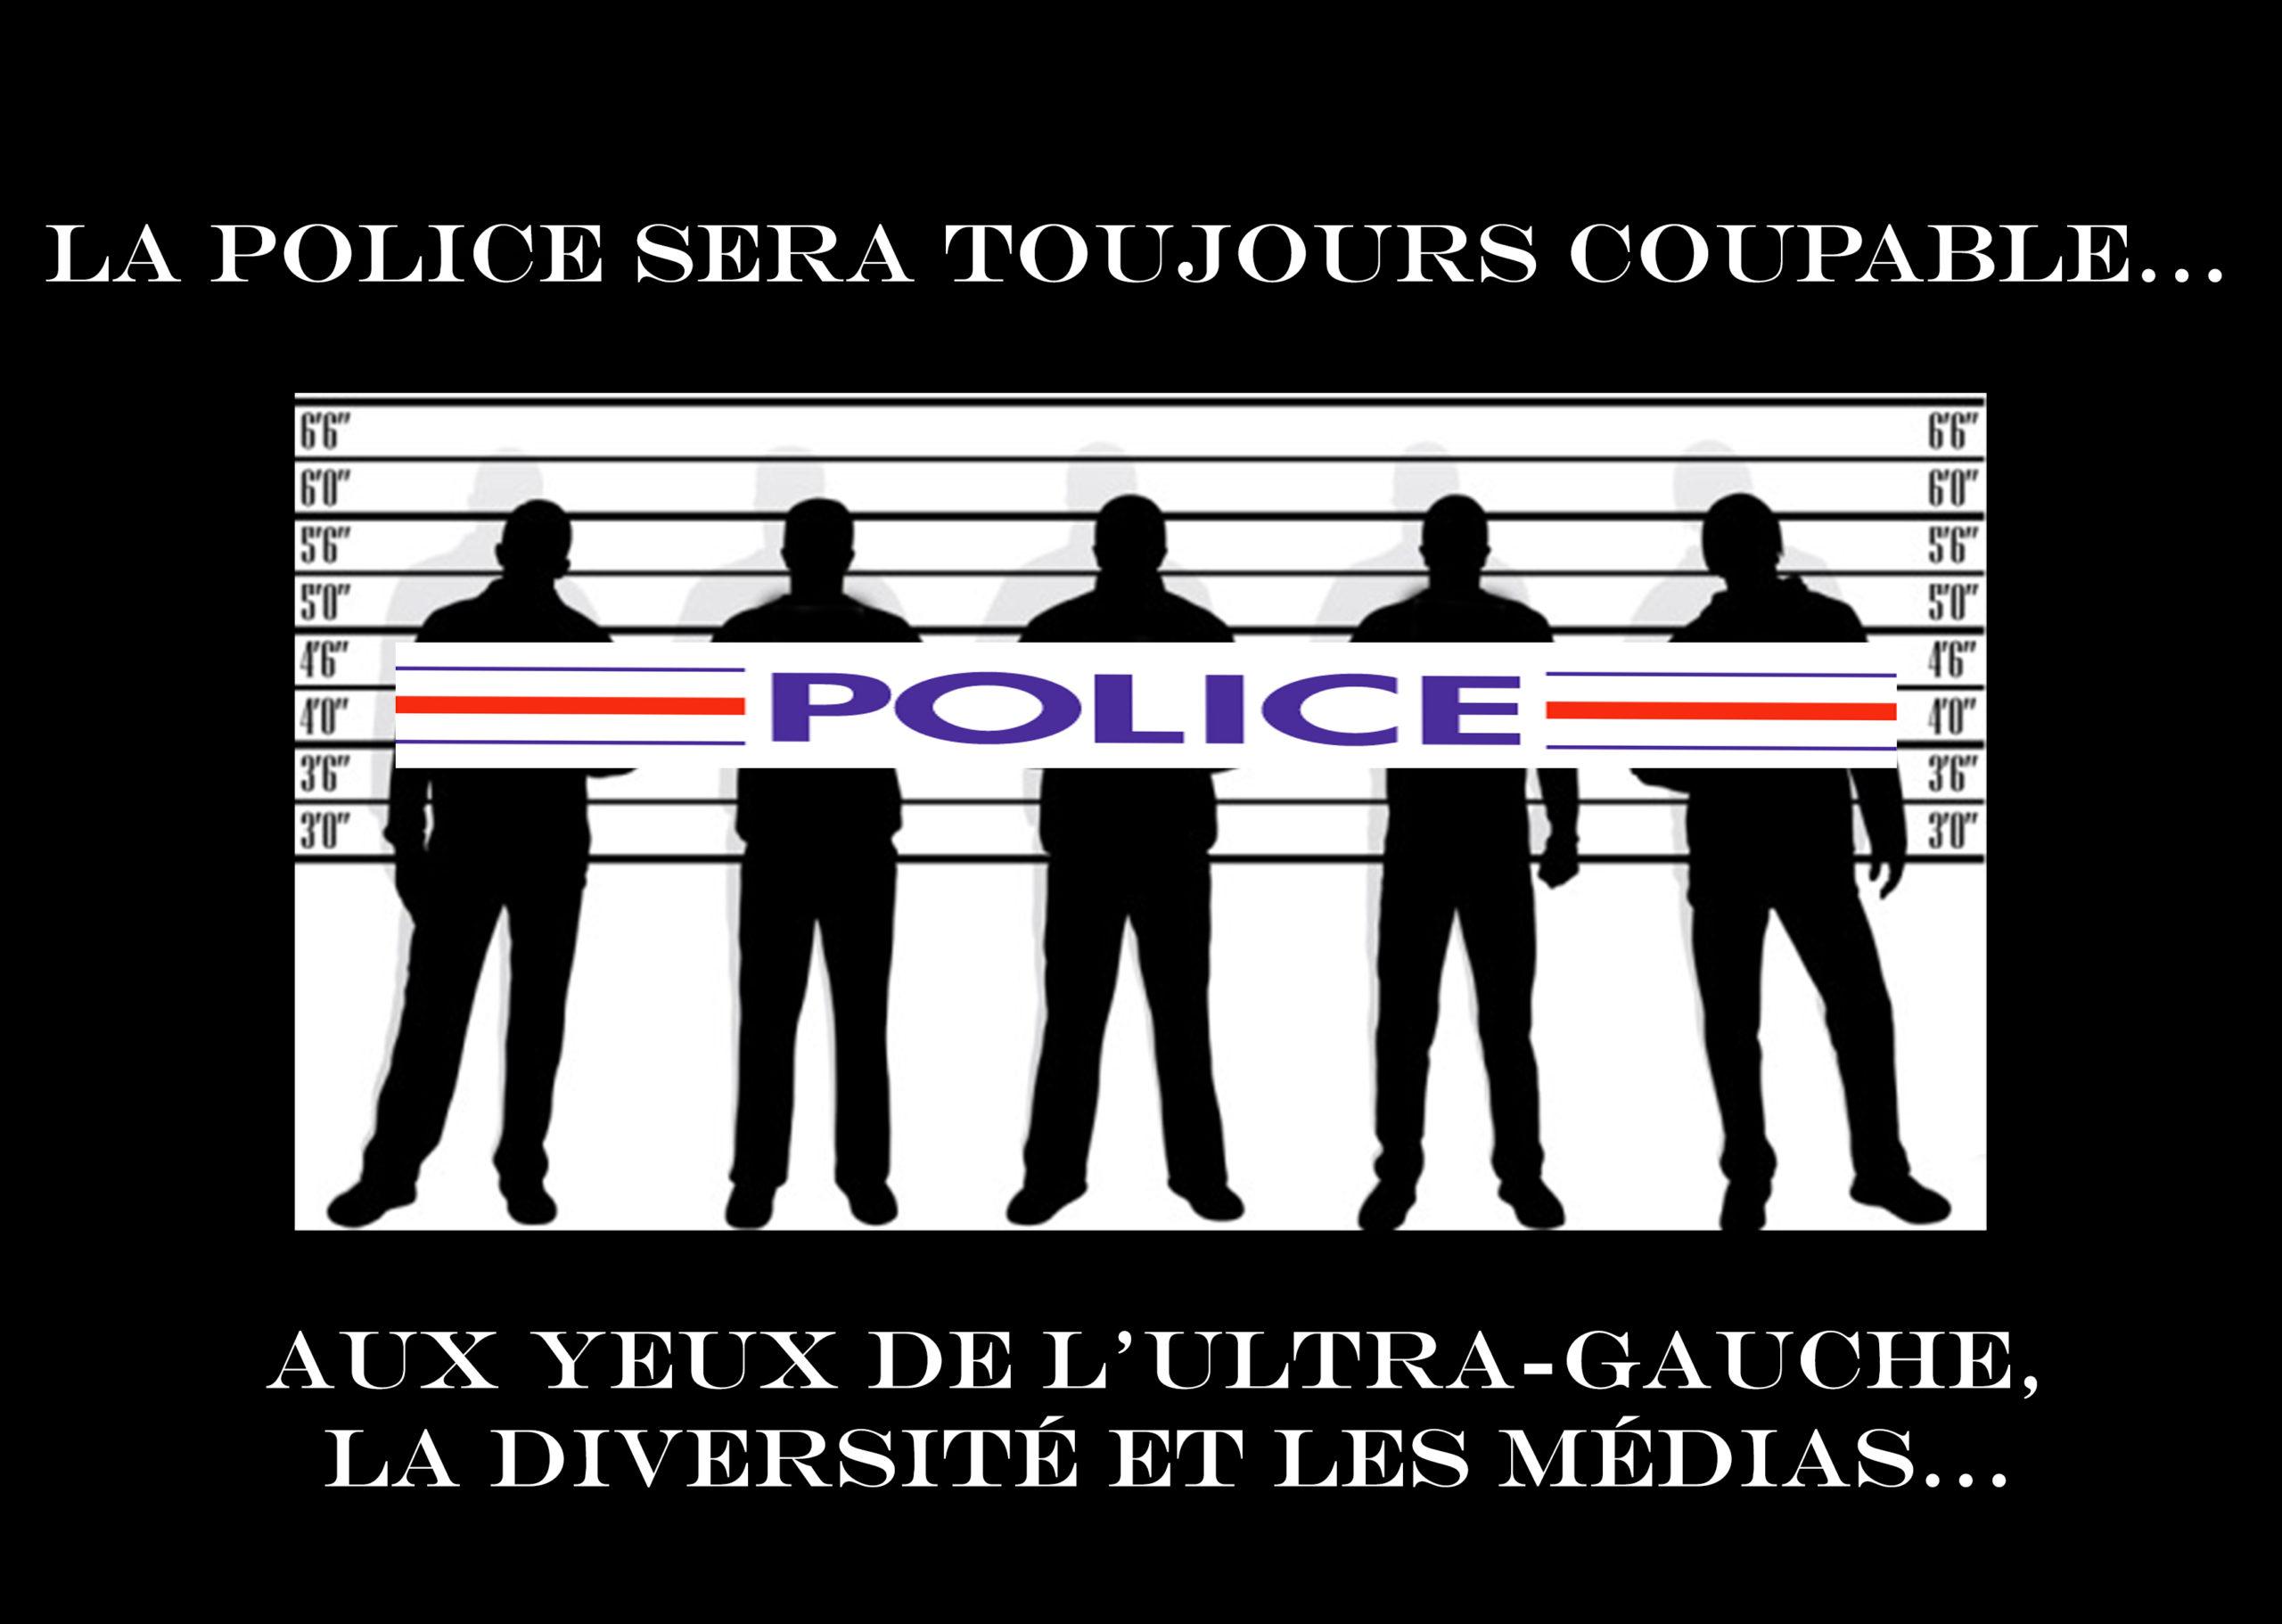 Étrange pays que la France, où les voyous agressent les policiers